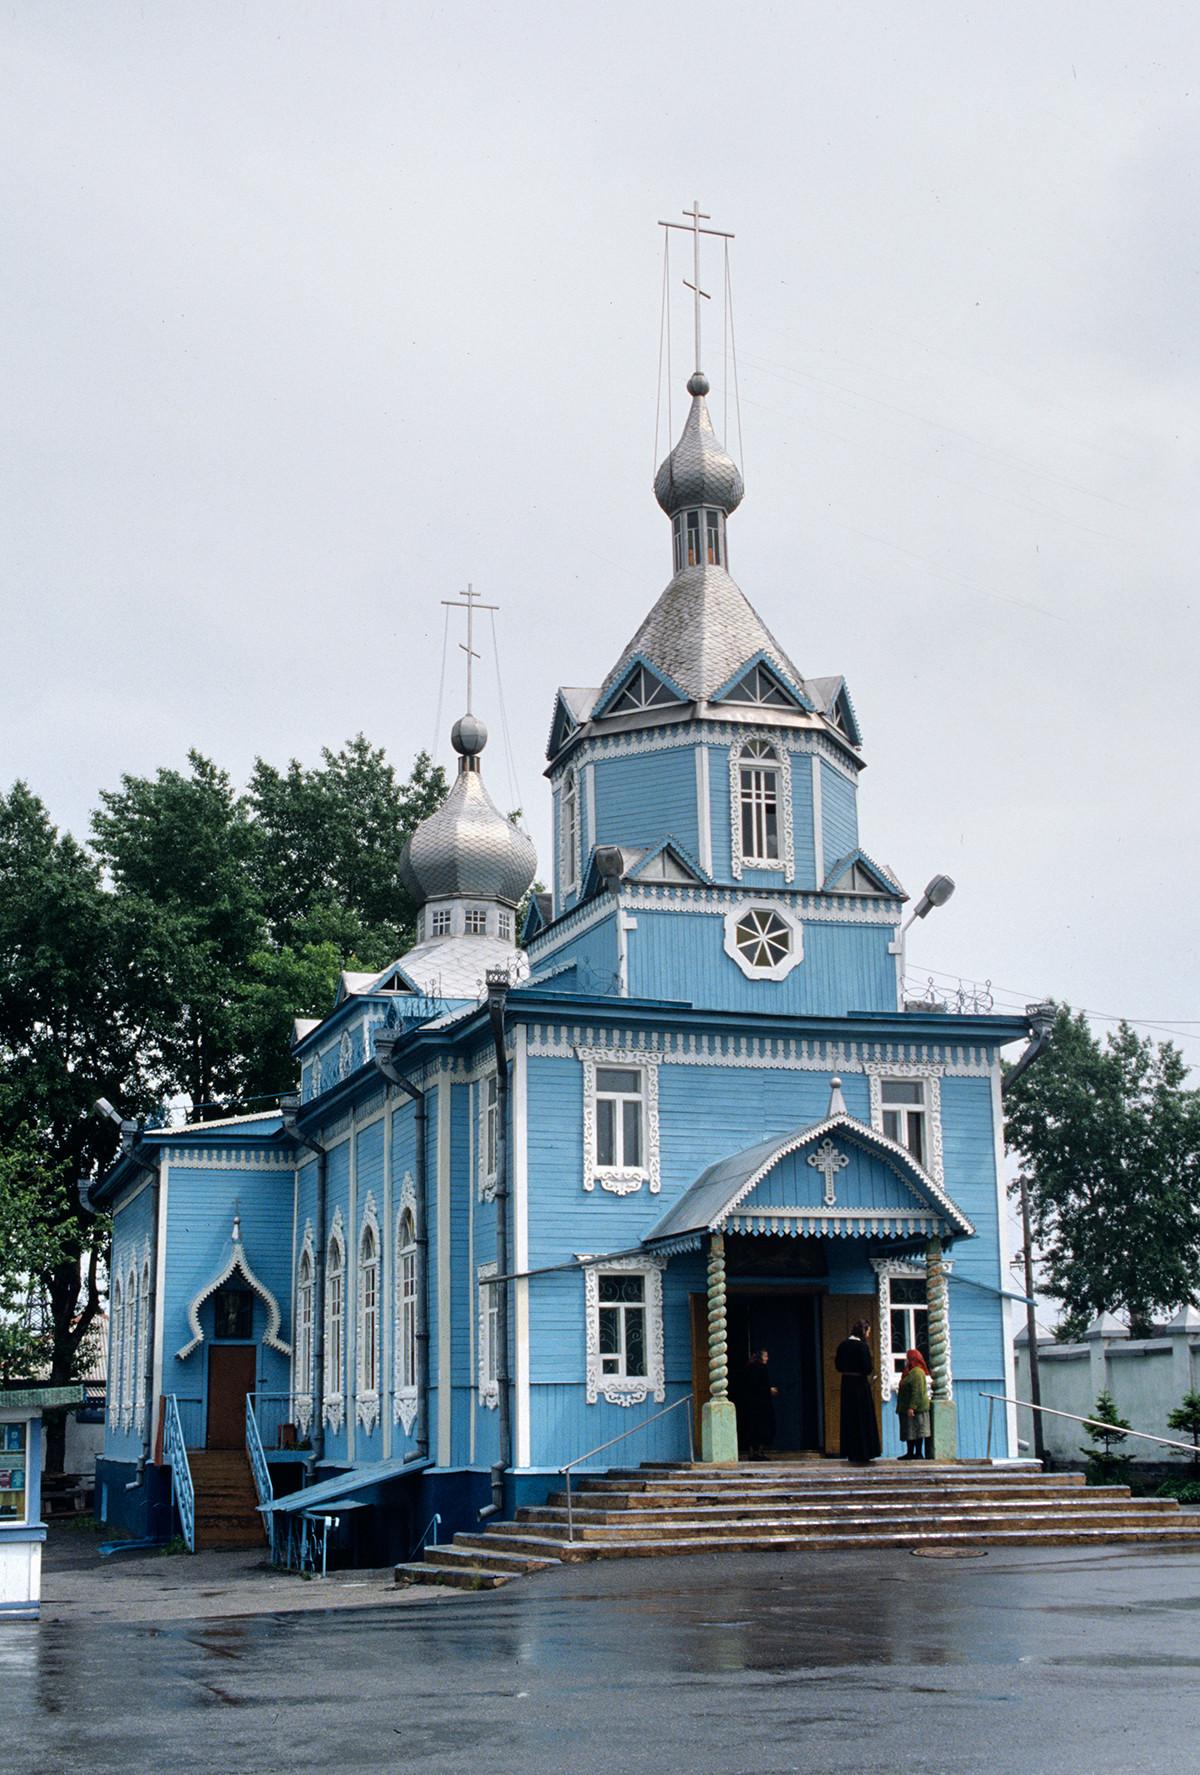 Chiesa dell'Intercessione della Santissima Vergine a Prokopjevsk, Regione di Kemerovo, ricostruita nel 1979-1983, ampliando una casa di preghiera